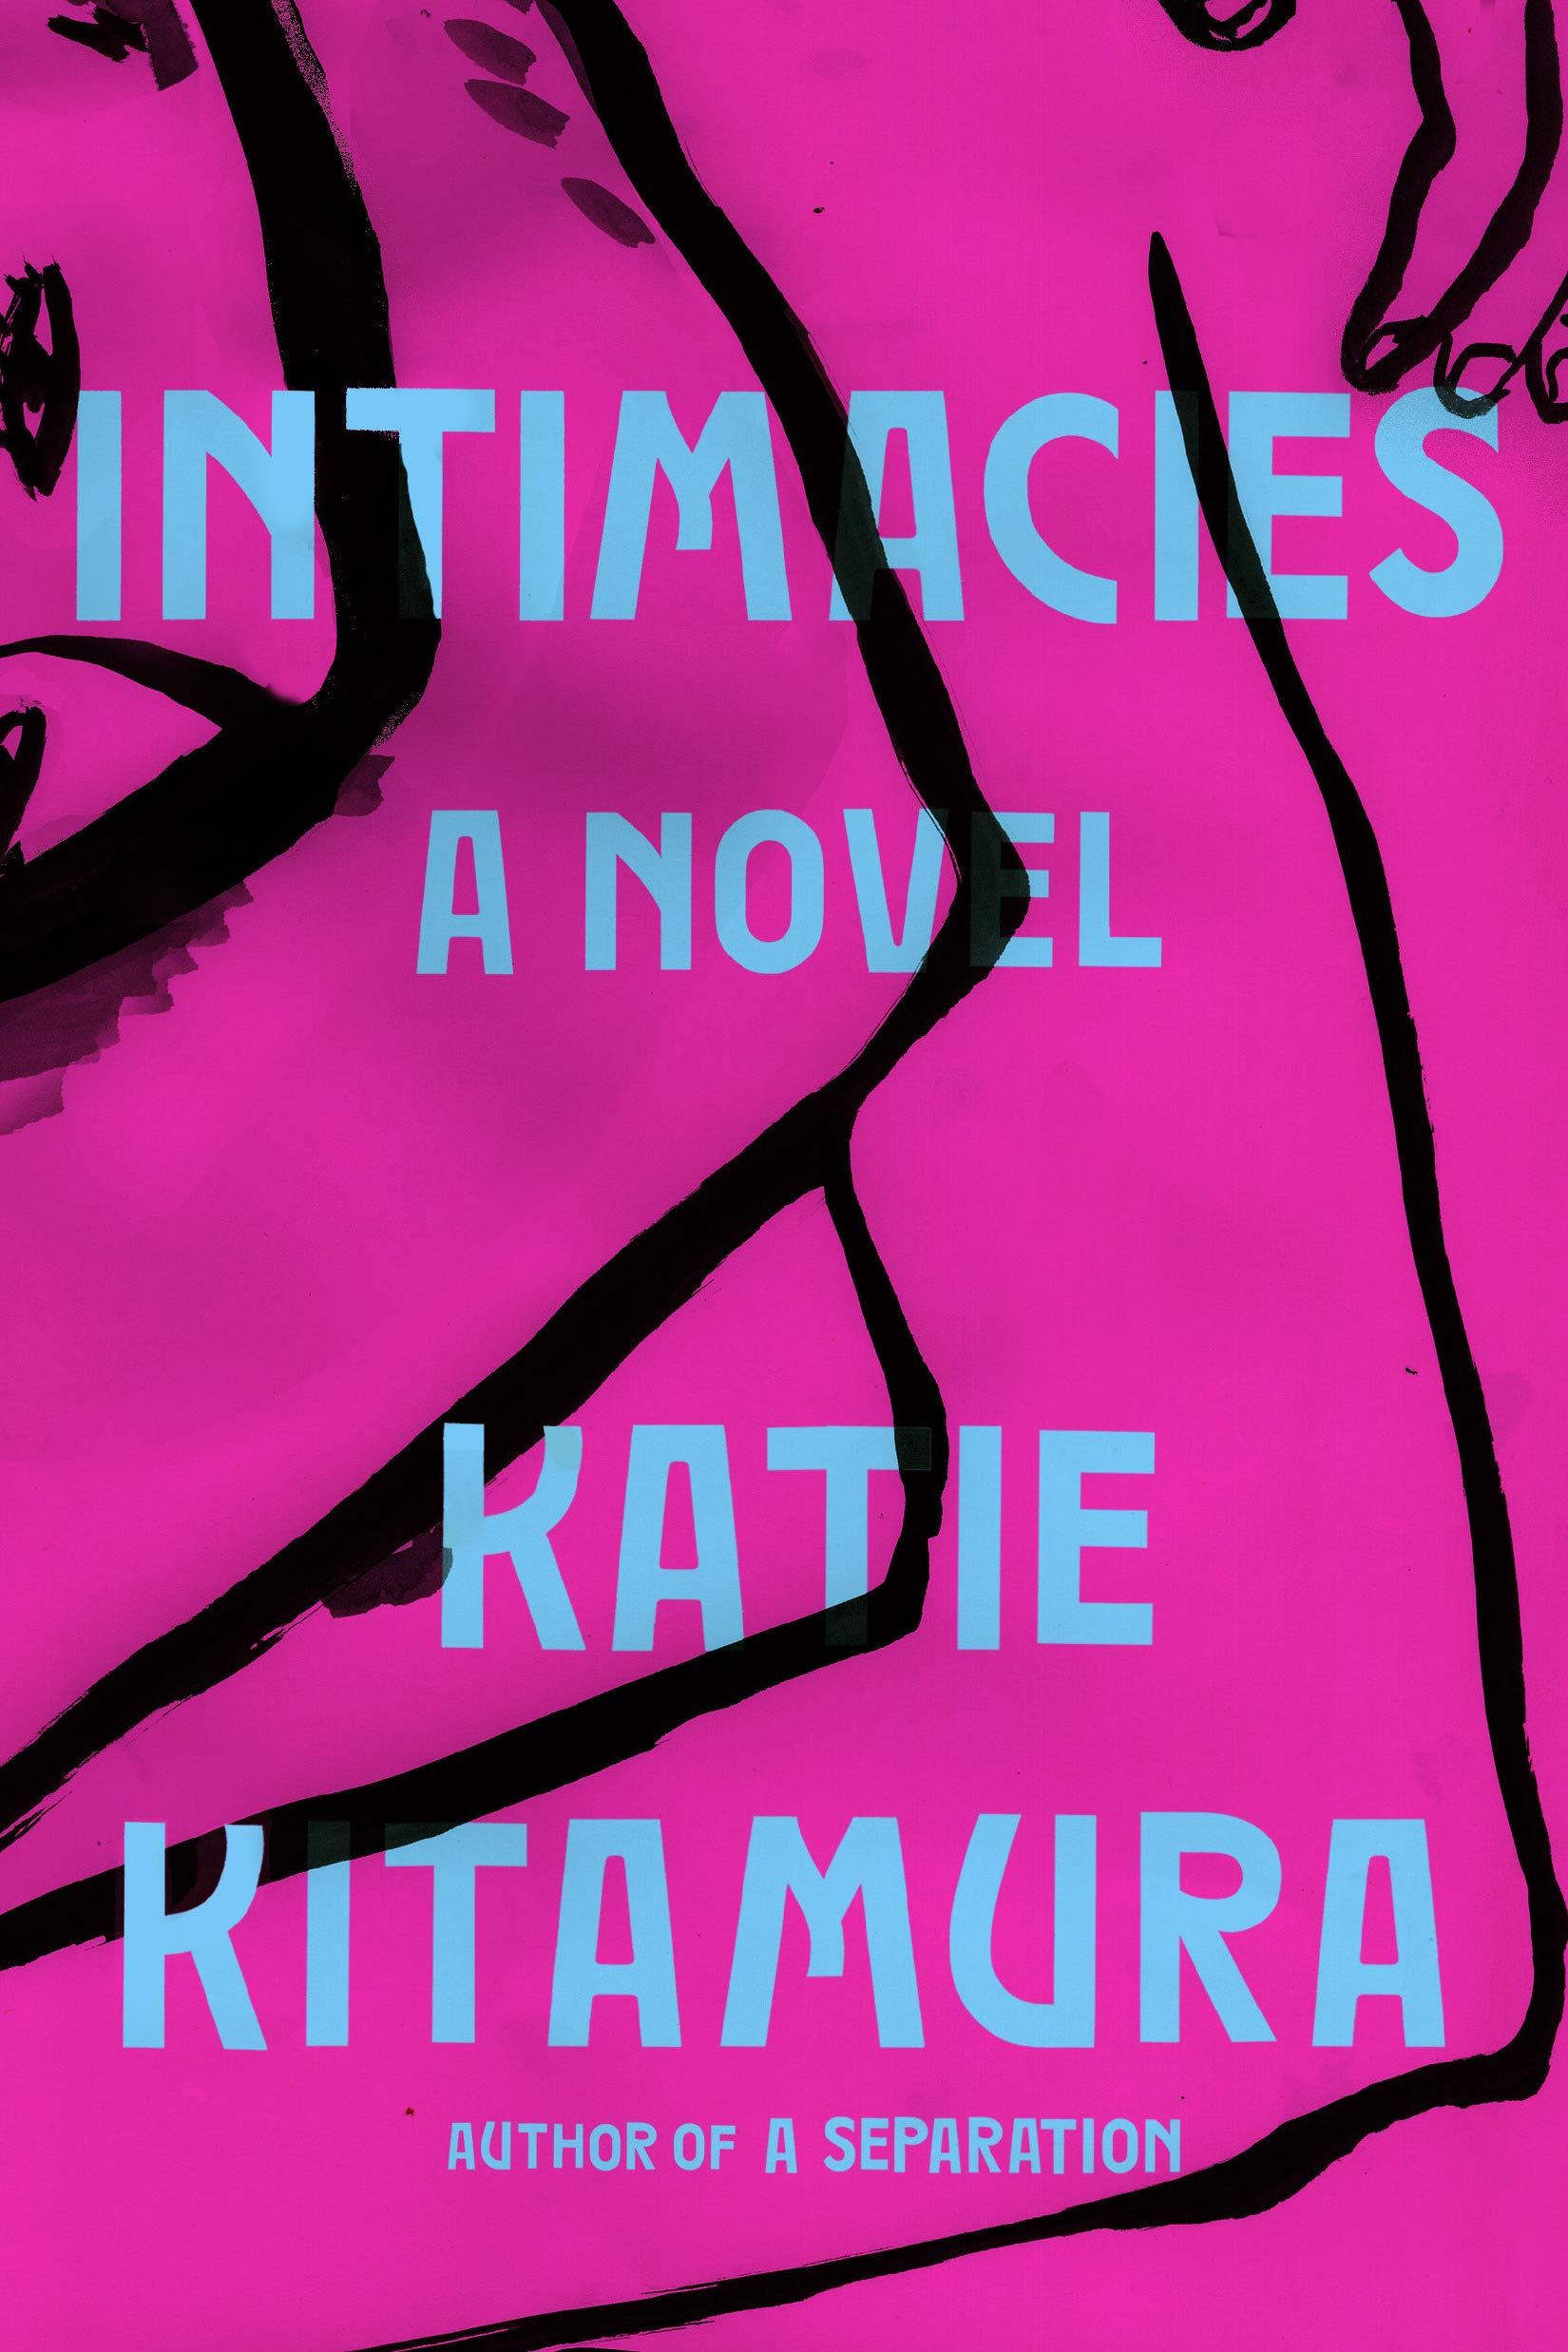 Katie Kitamura, Intimacies